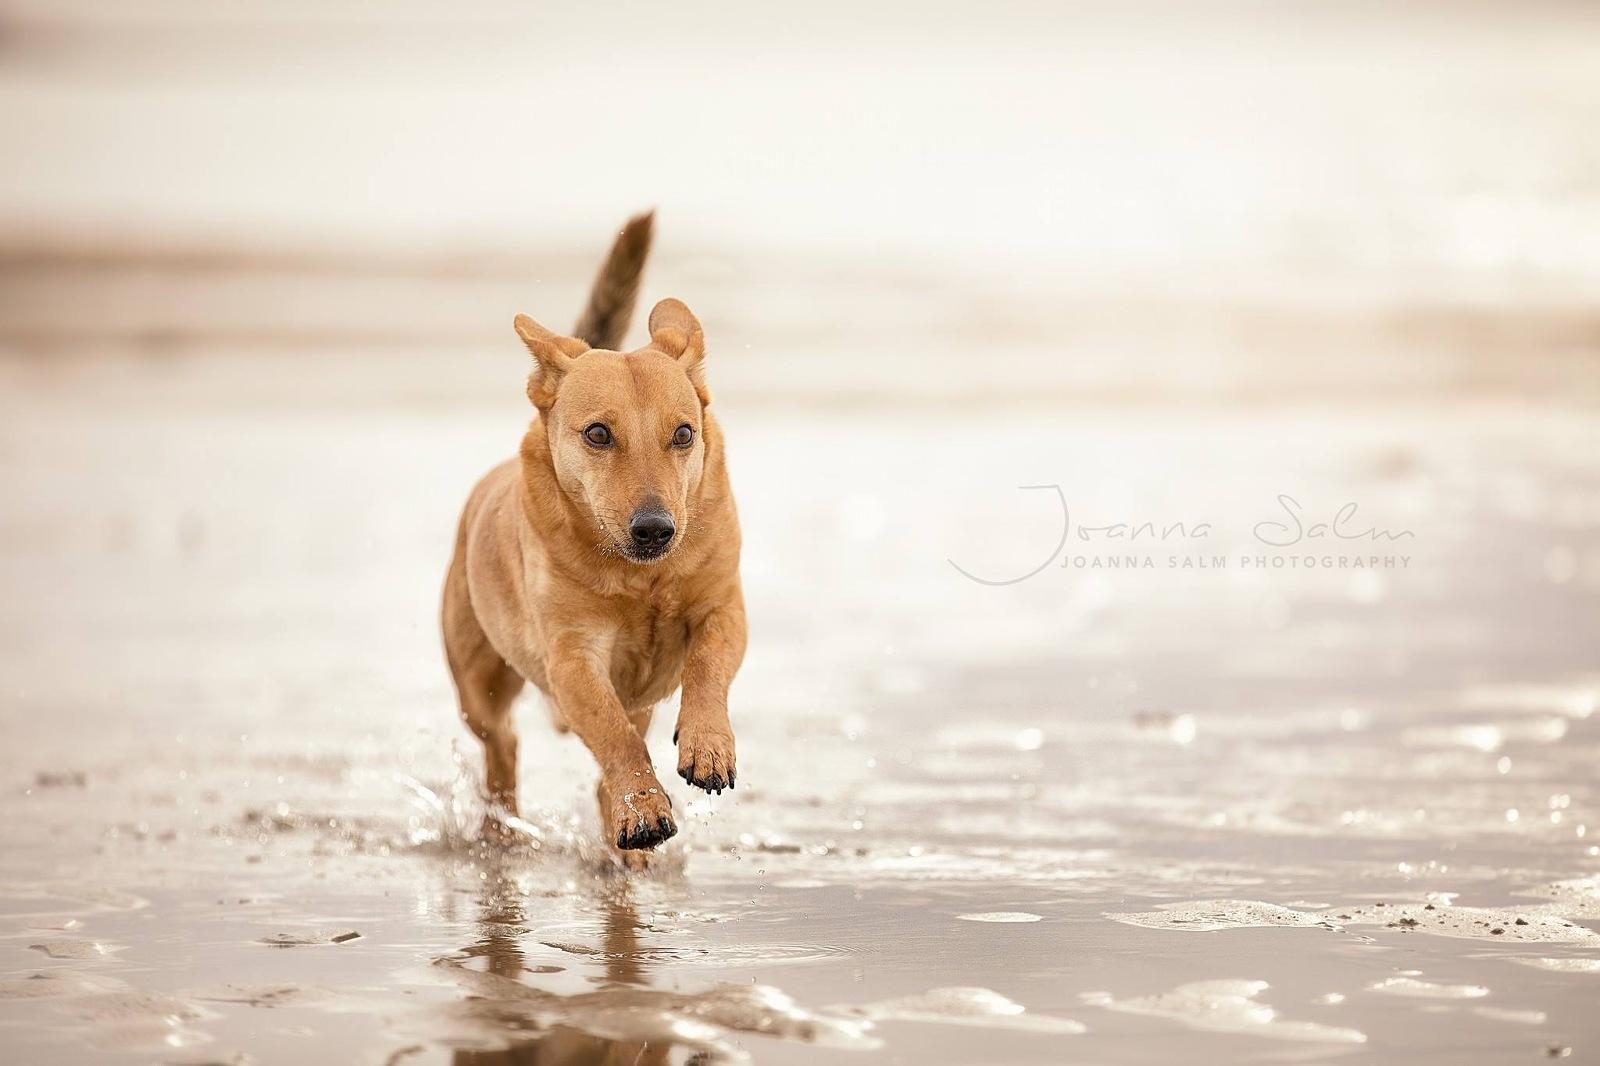 Tierfotograf Hundefotograf Fotograf Trier Bitburg Luxembourg Eifel Schweich Speicher Hund im Wasser